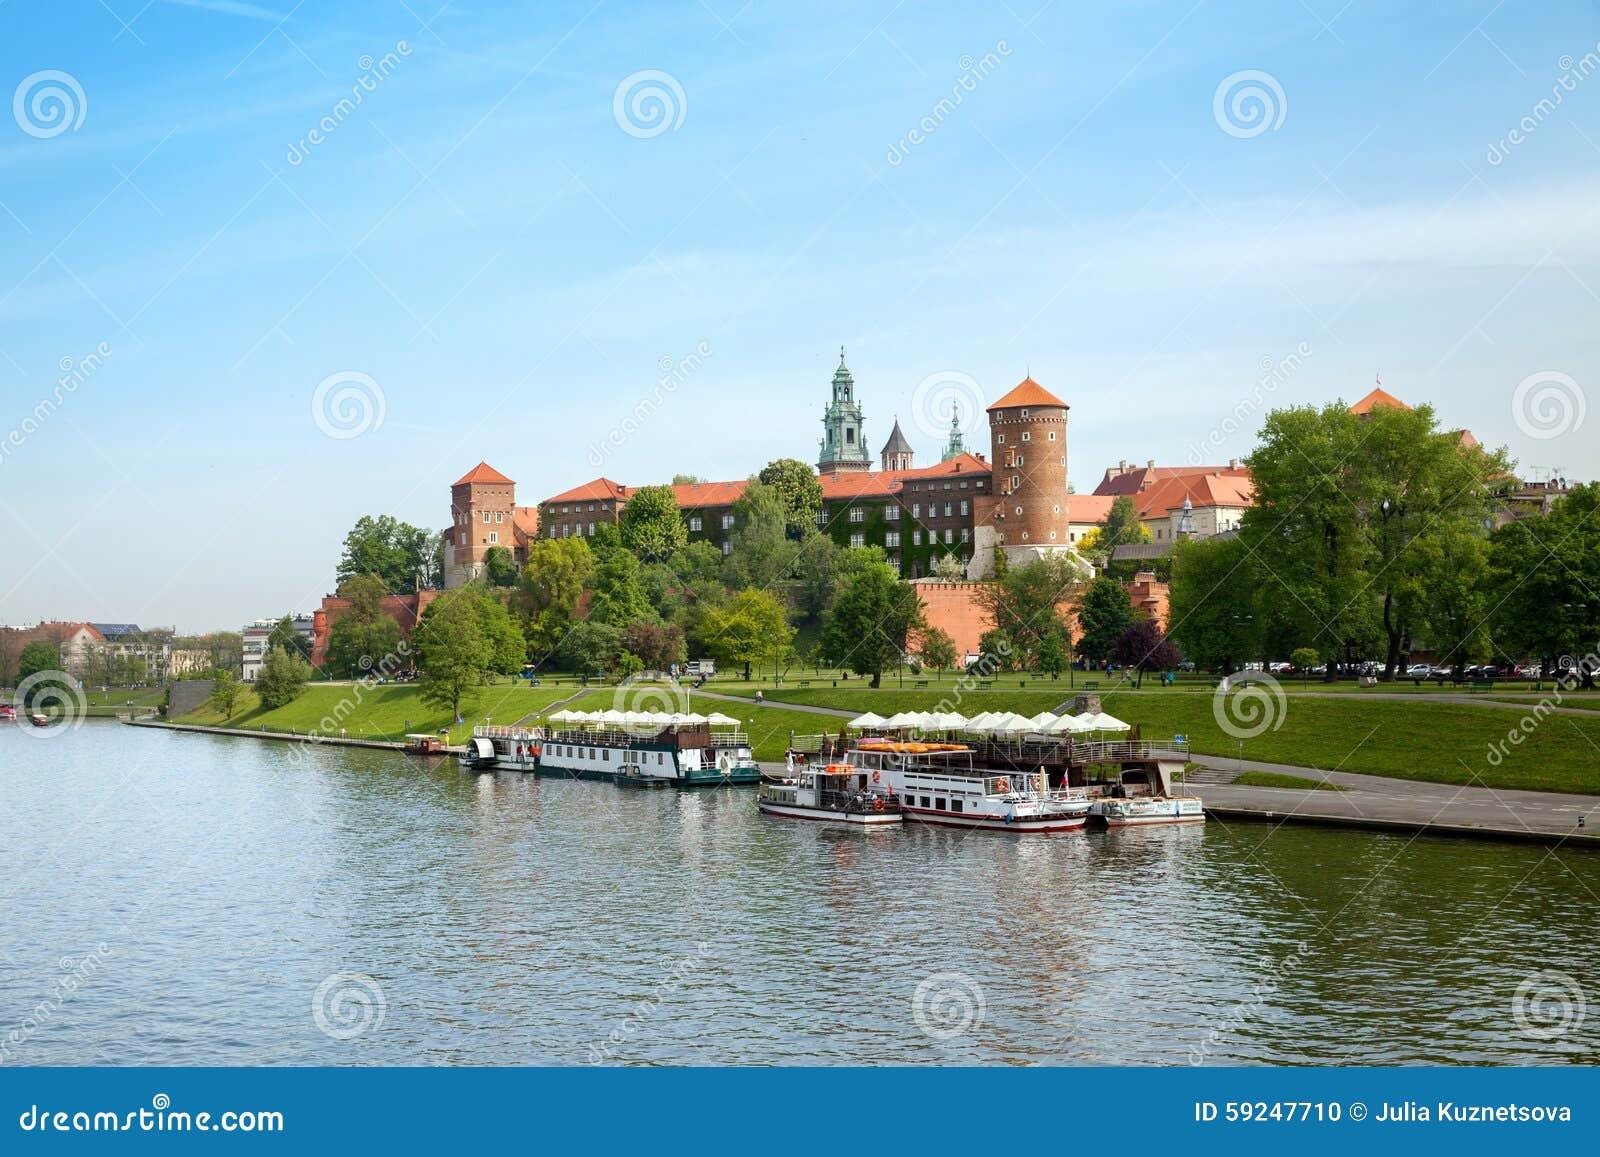 La vista del castillo de Wawel del río Vistula